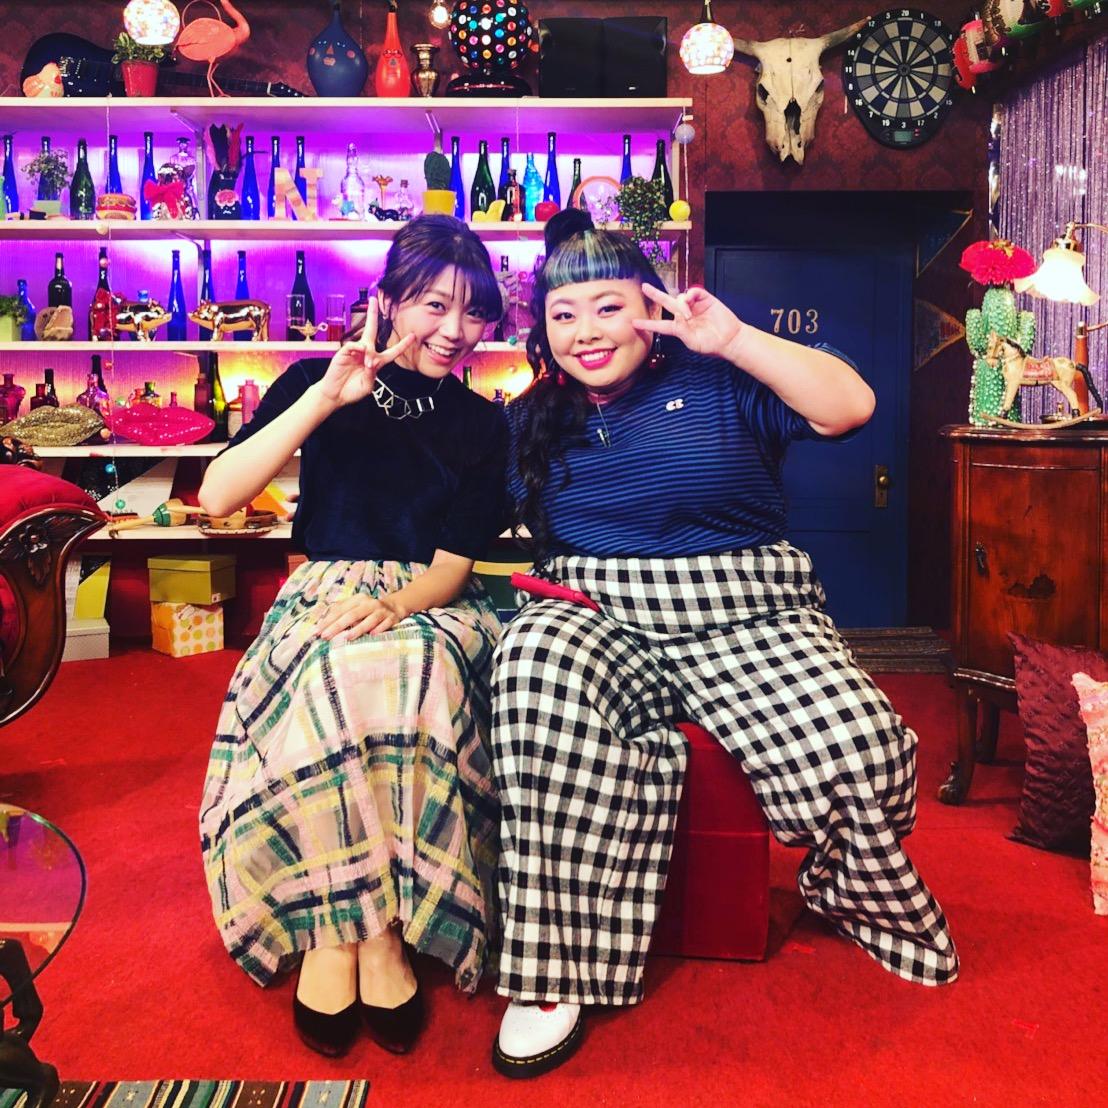 성우 미모리 스즈코씨의 사진, NAOMI의 방 생방송 ..